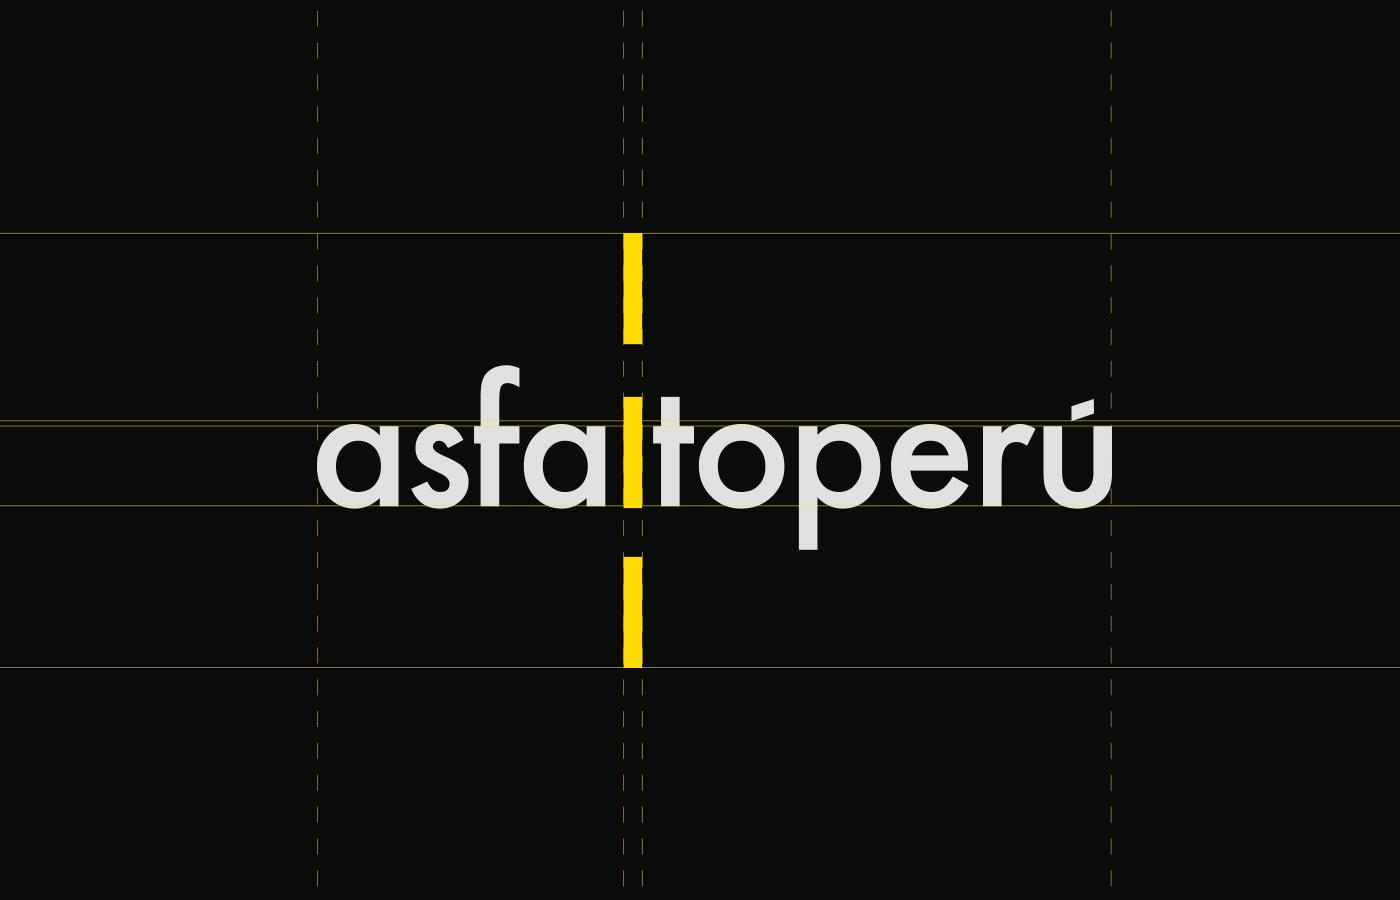 branding  diseño gráfico diseño de logo Logotipo publicidad marketing   kyriac victor otárola muñoz